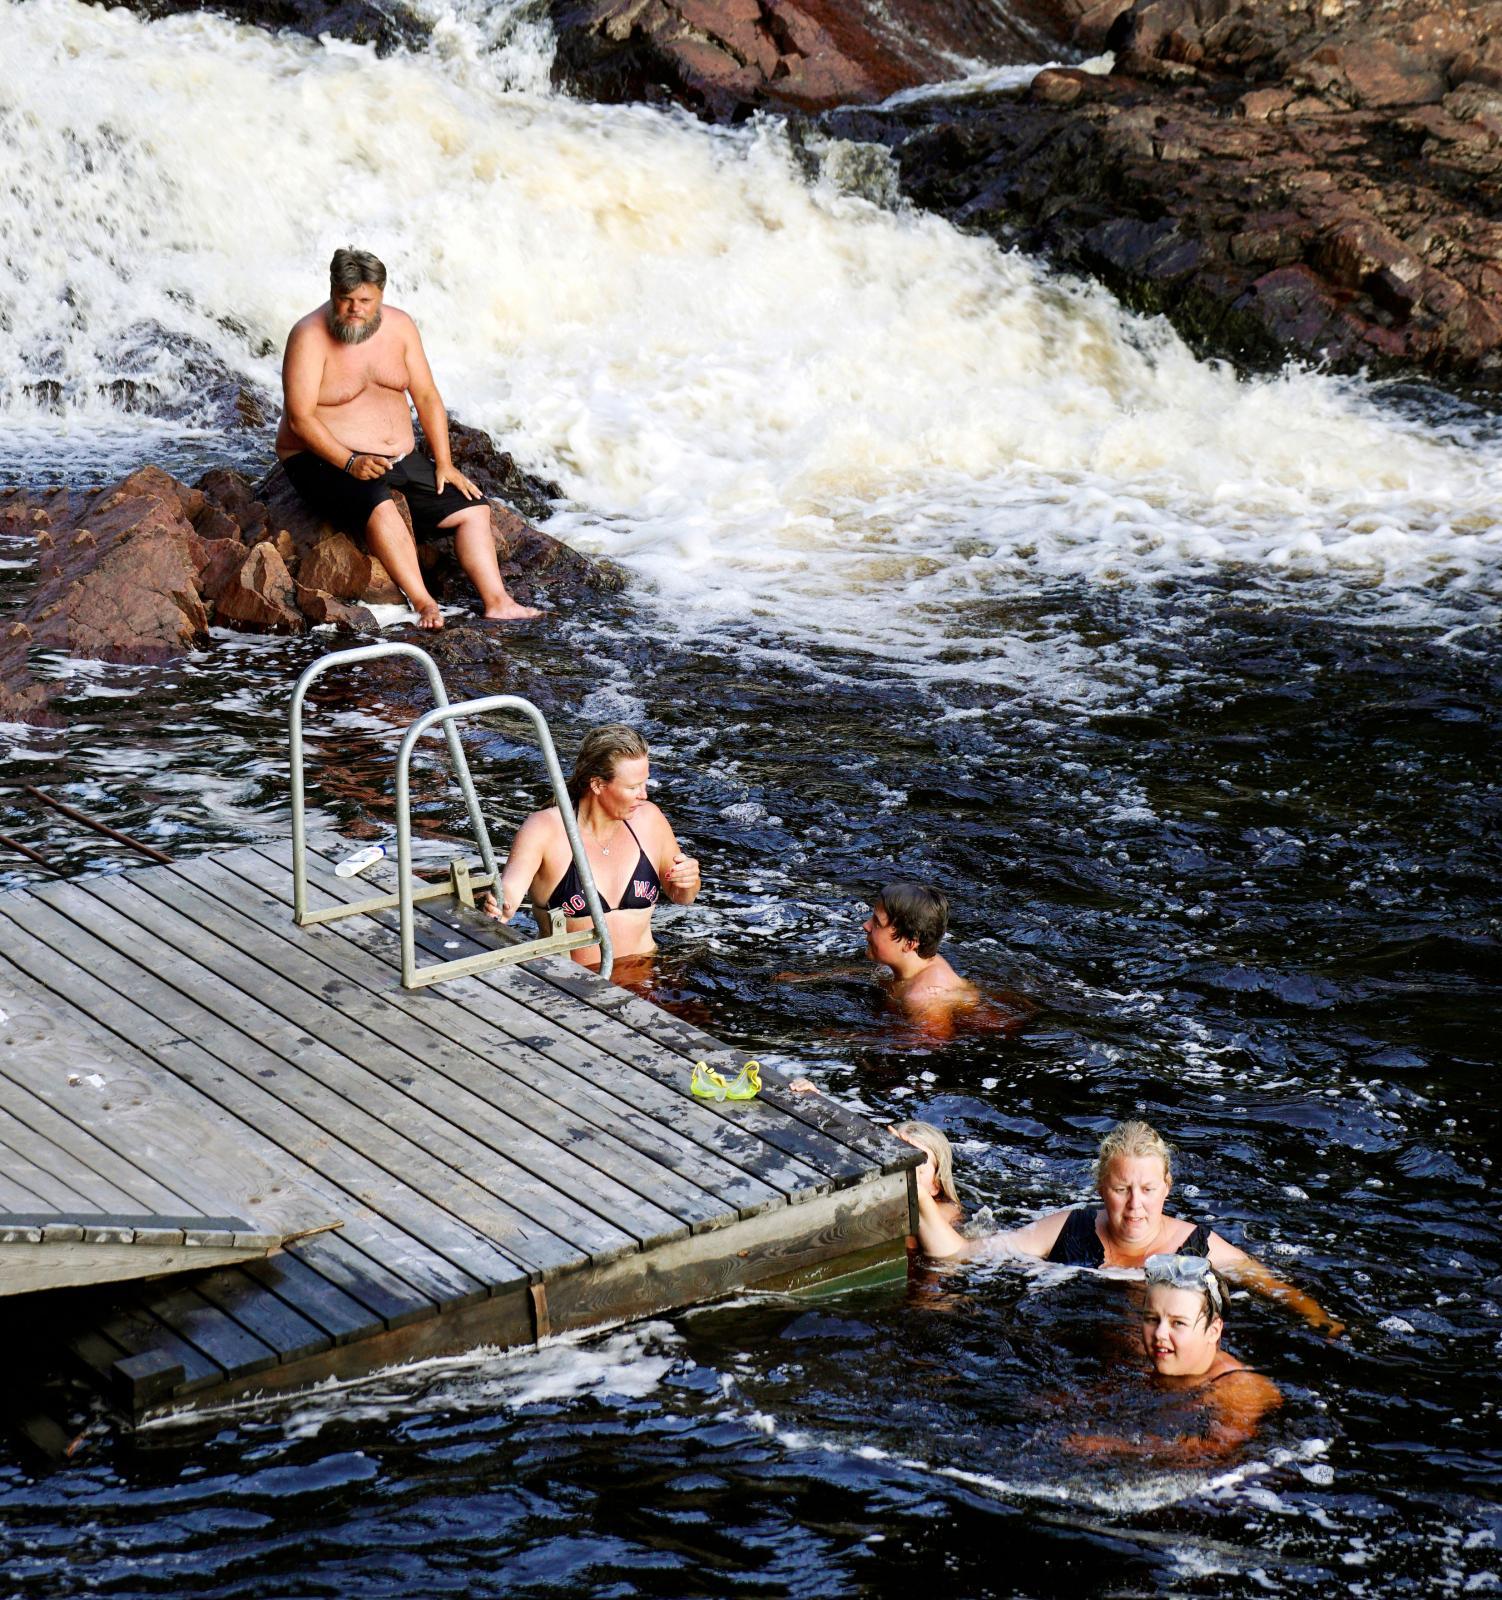 Byt ut badbyxorna mot en fela och man hade trott att det var Näcken som satt vid bäcken.